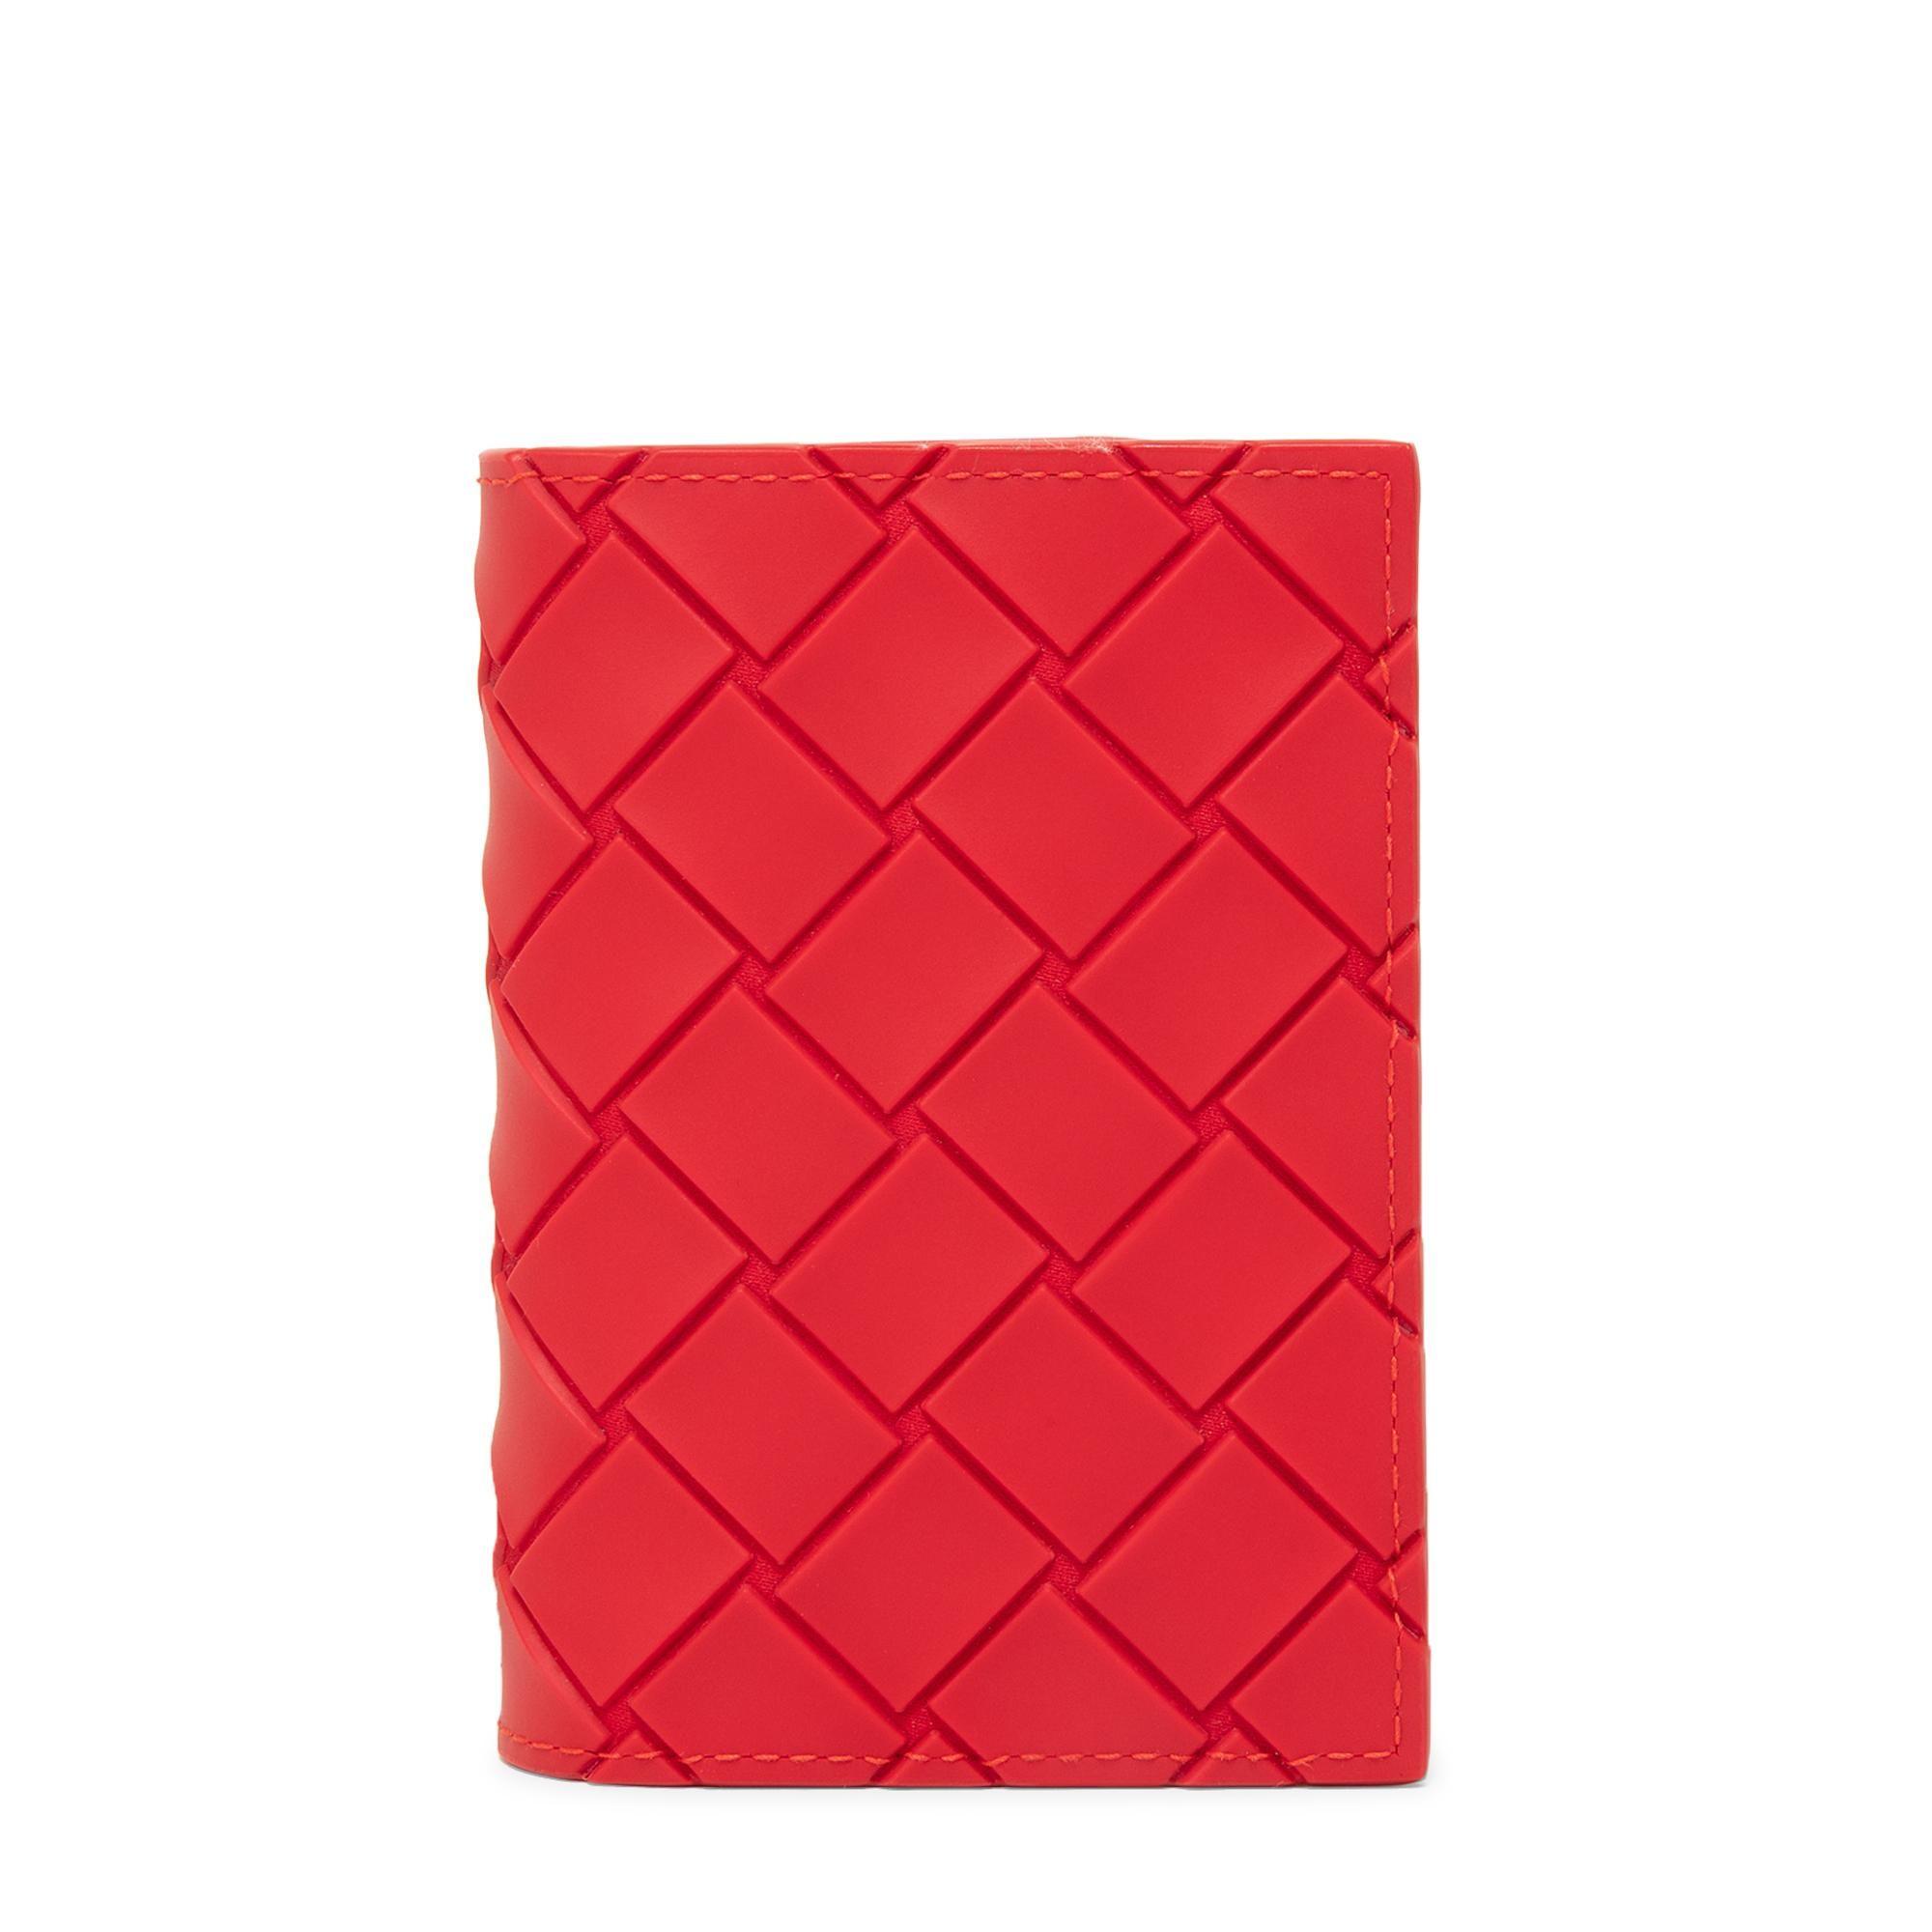 محفظة بطاقات بتصميم متداخل